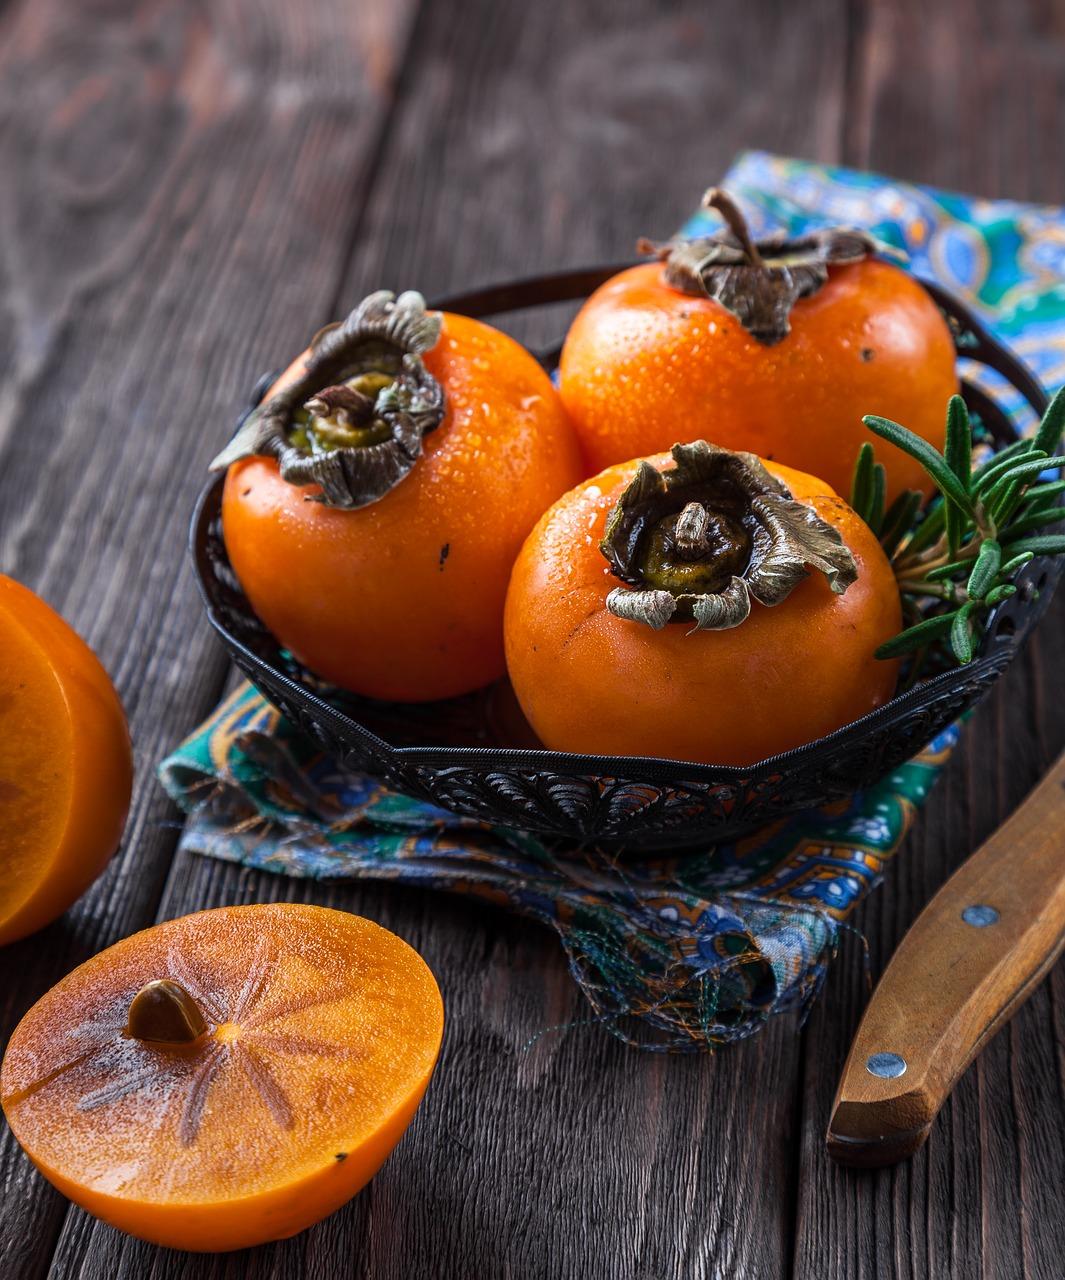 干し柿のカロリーはどれくらい? オリーブオイルと合わせて得られる効果とは?